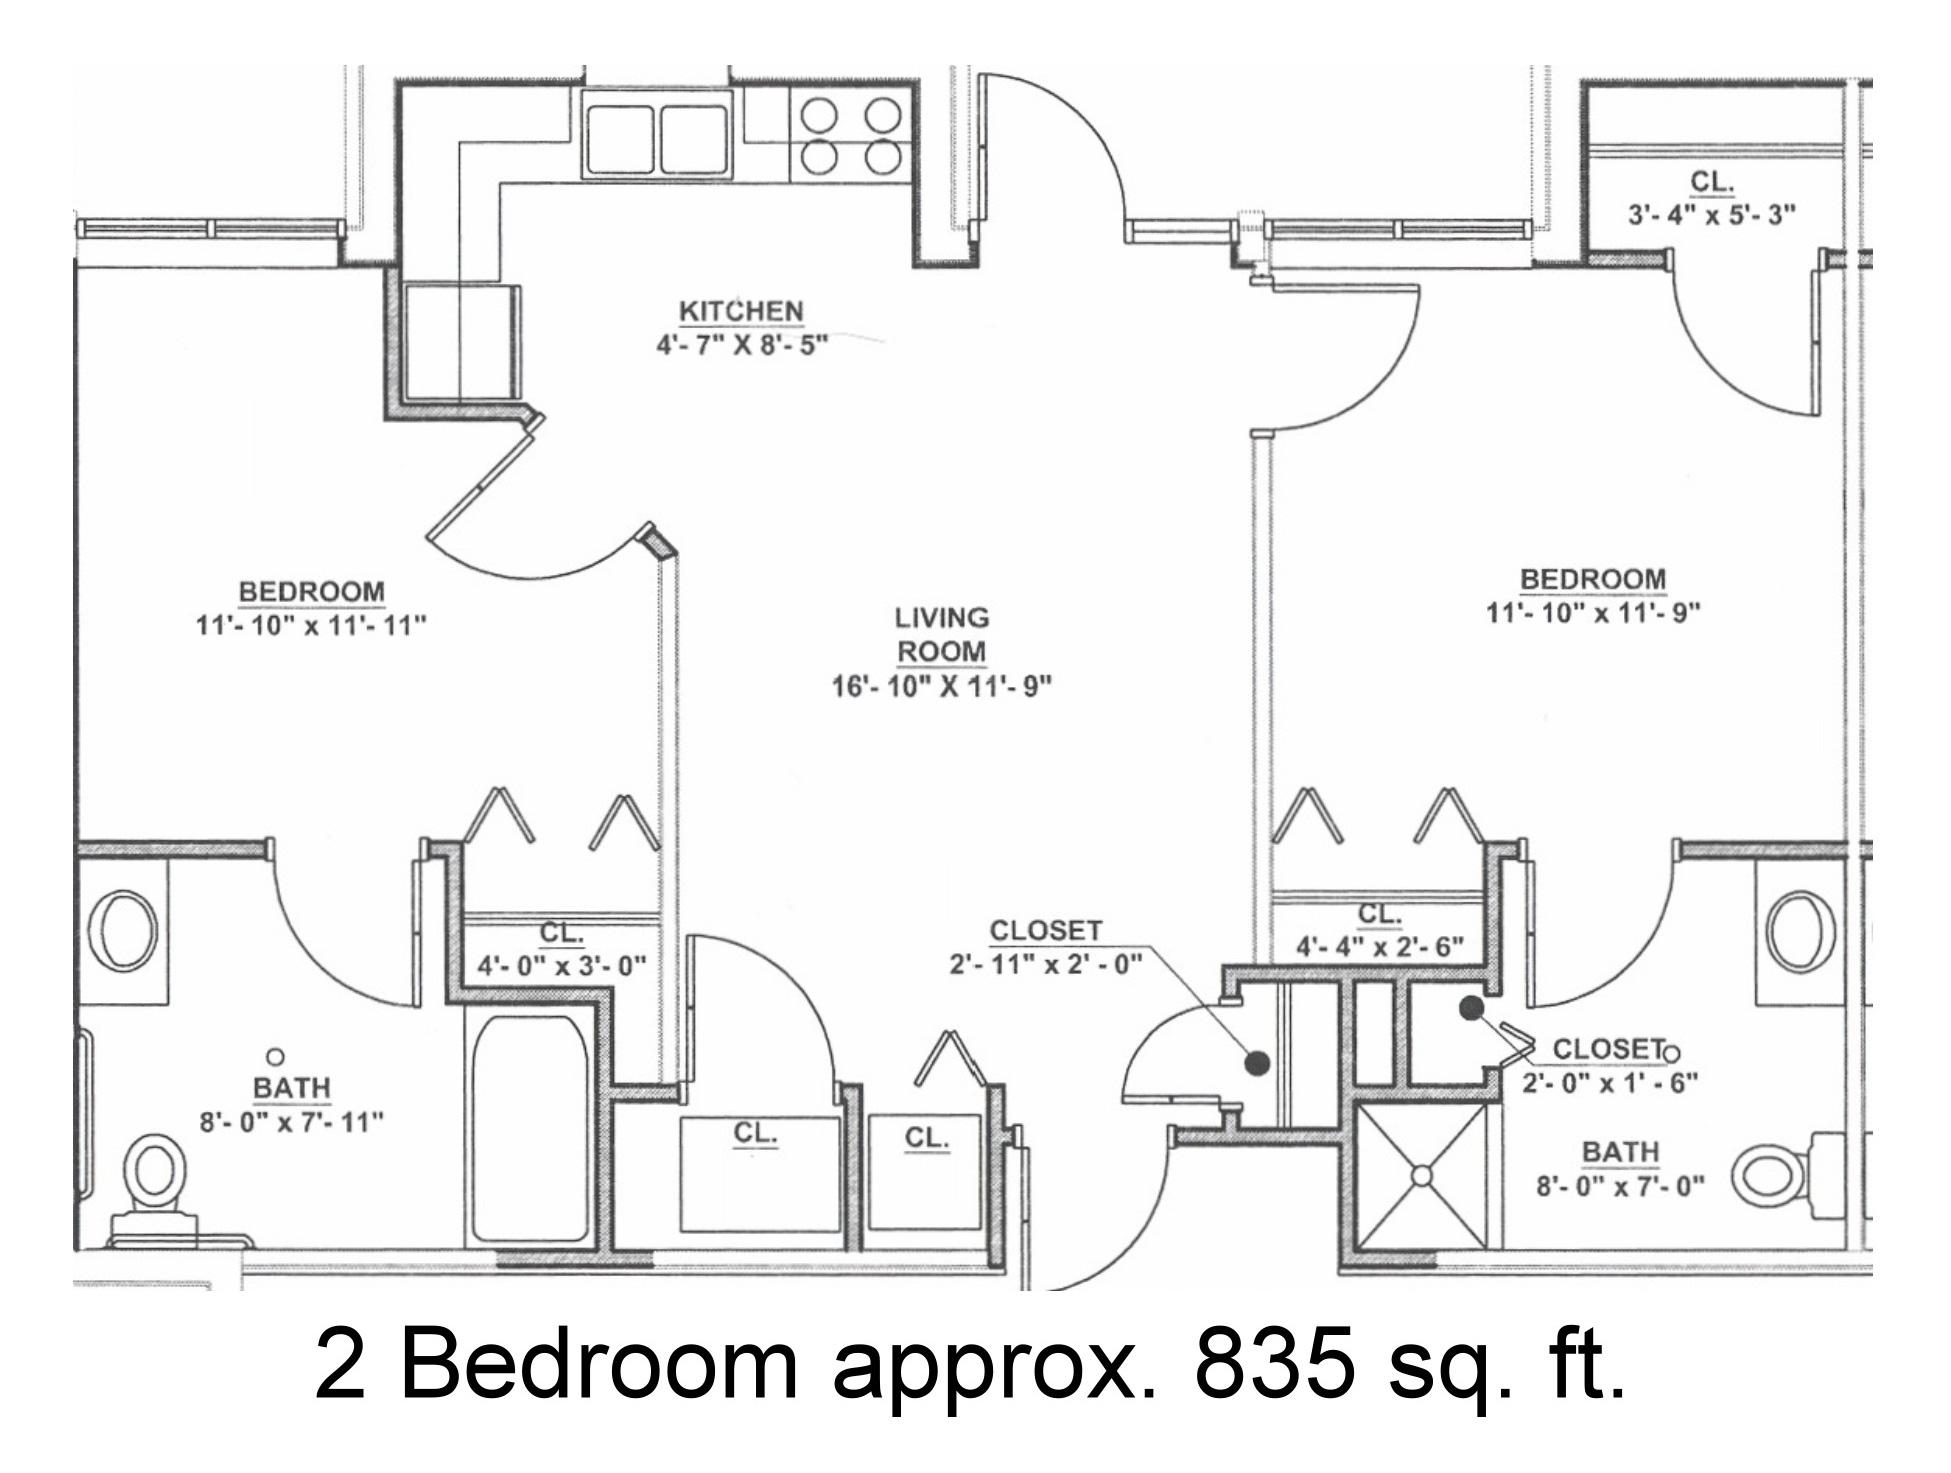 royer-west-2-bedroom